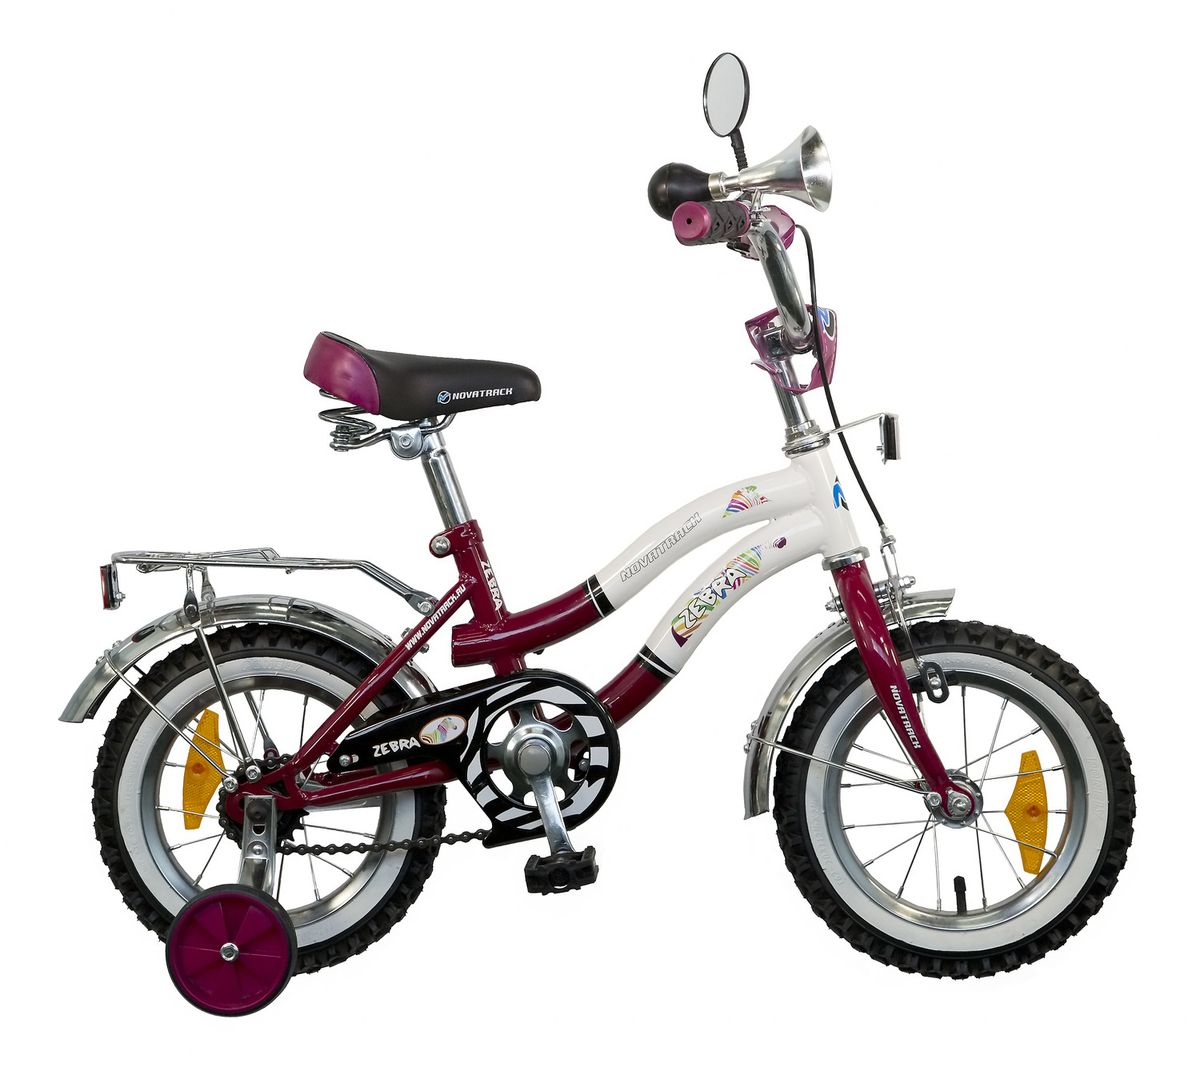 Велосипед детский Novatrack Zebra, цвет: бордовый, белый, 12 велосипед novatrack 16 зебра бордово белый 165 zebra clr6